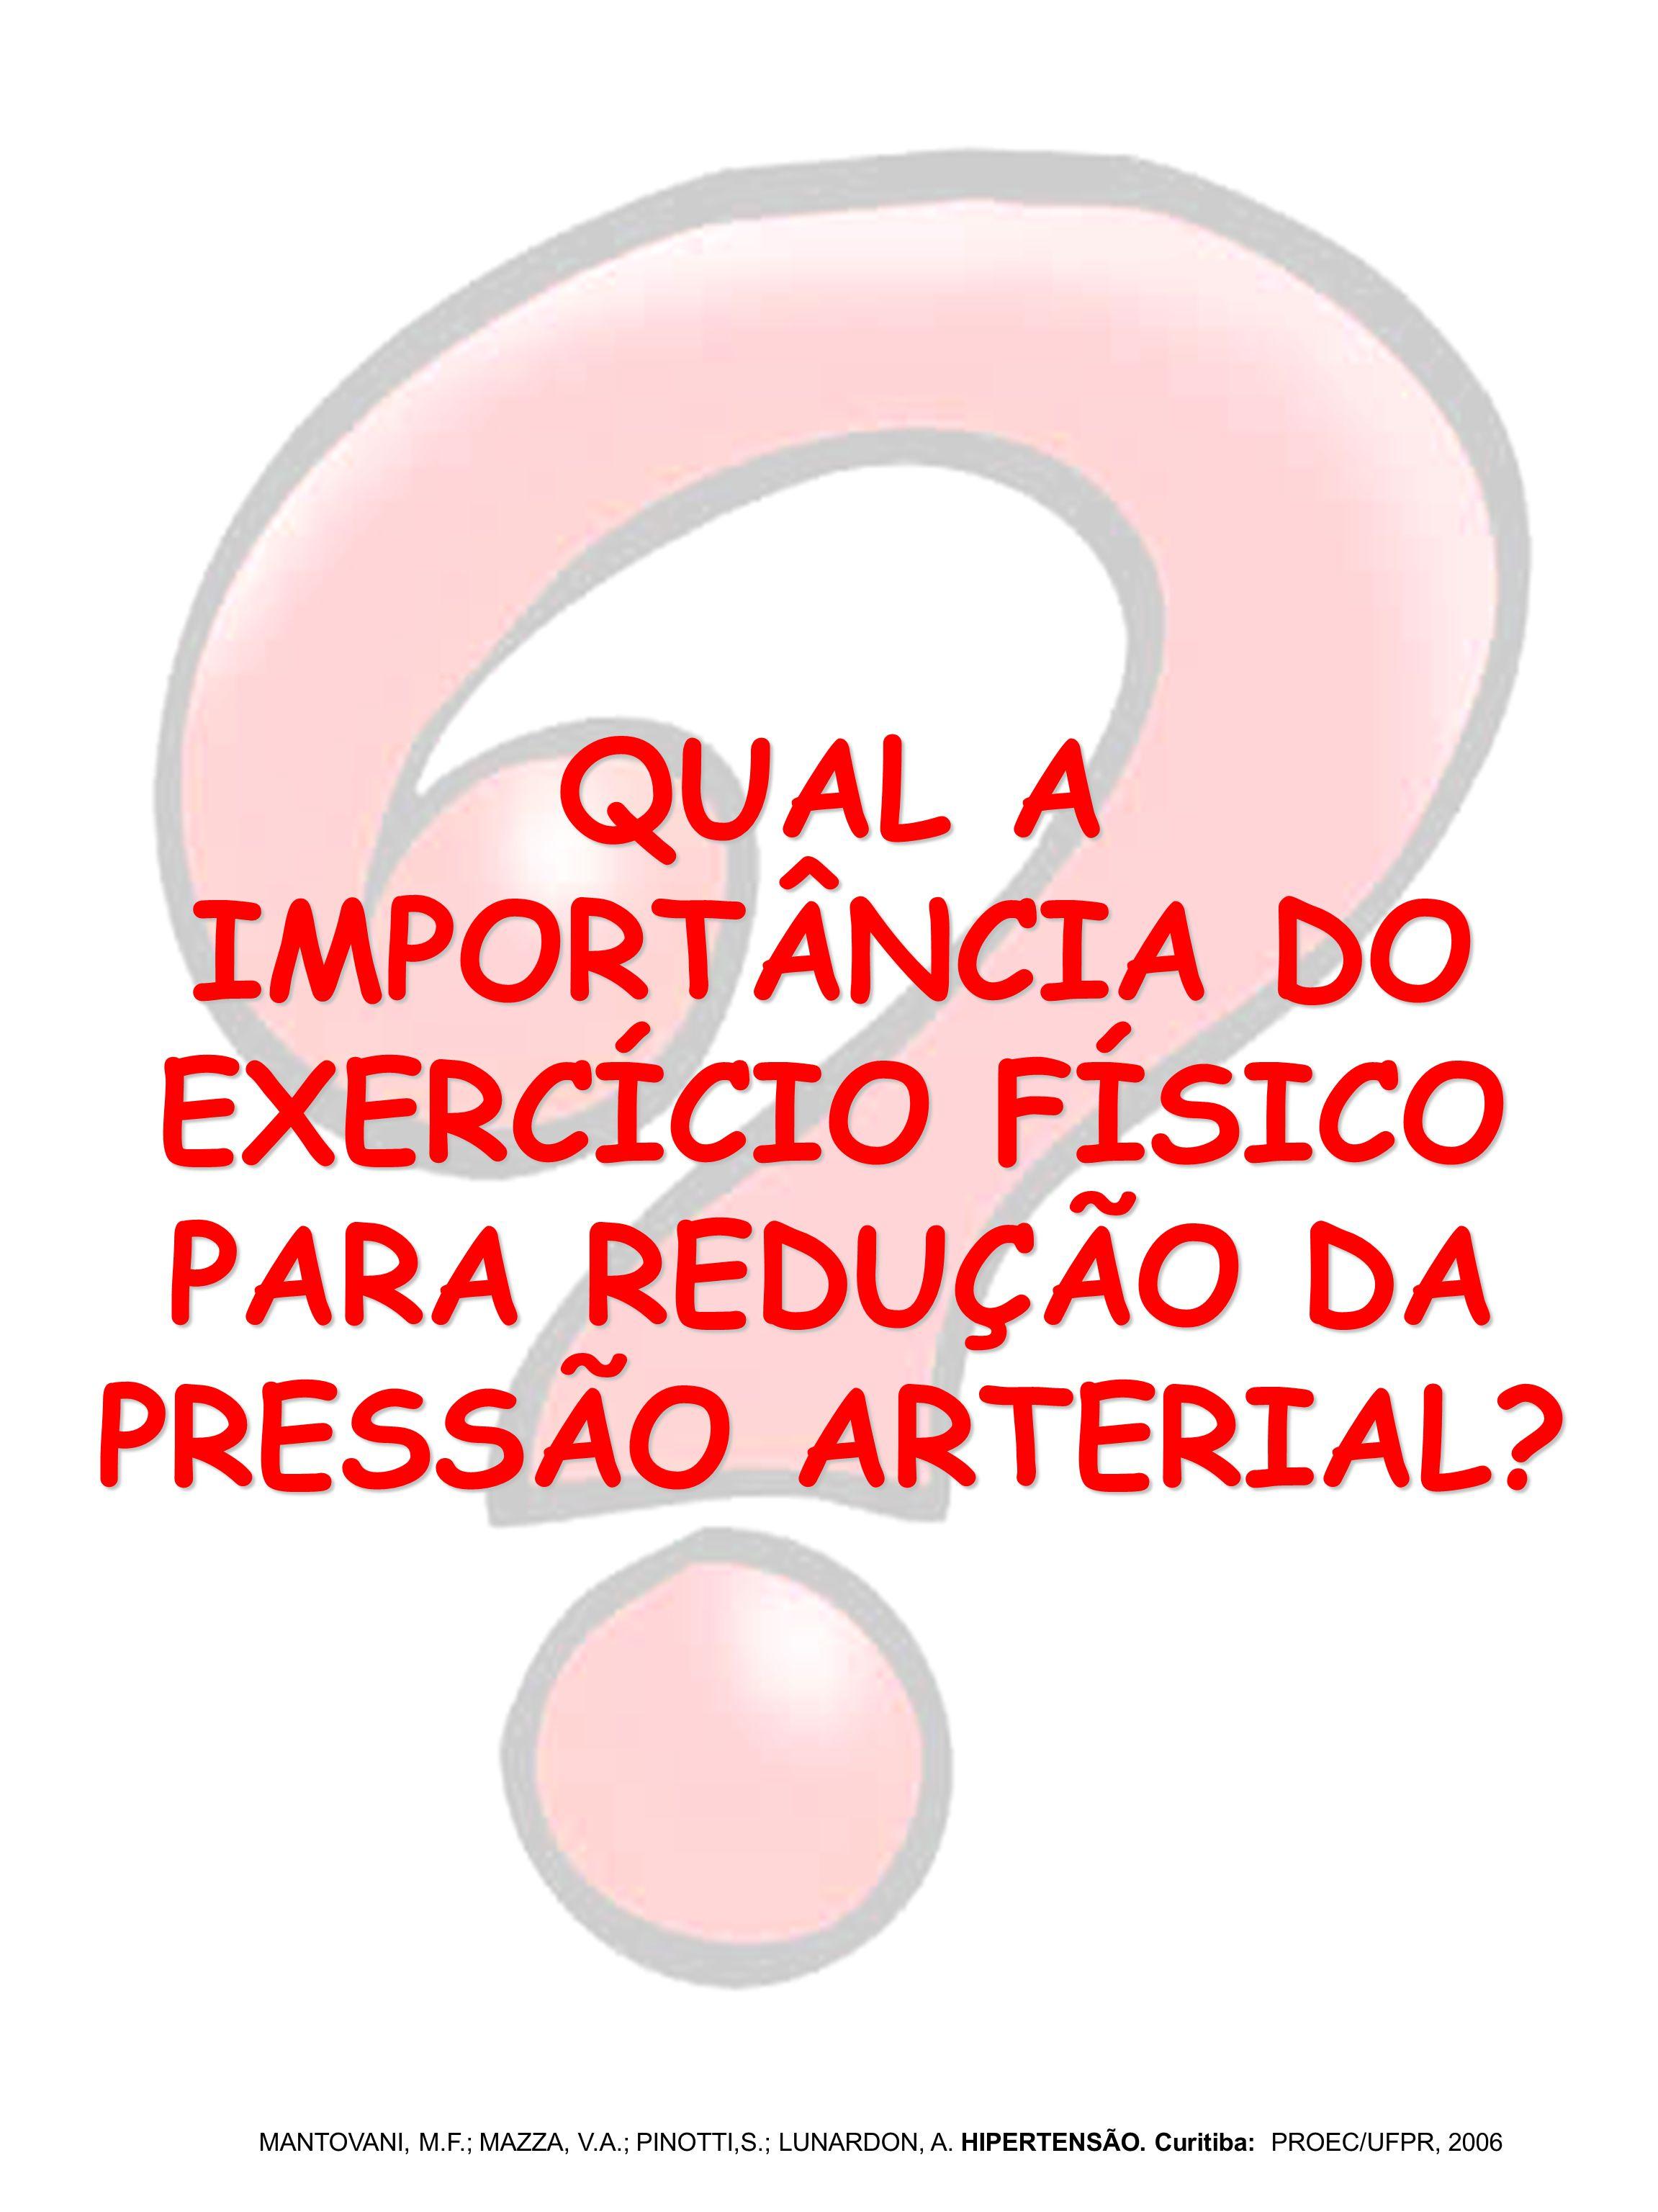 QUAL A IMPORTÂNCIA DO EXERCÍCIO FÍSICO PARA REDUÇÃO DA PRESSÃO ARTERIAL